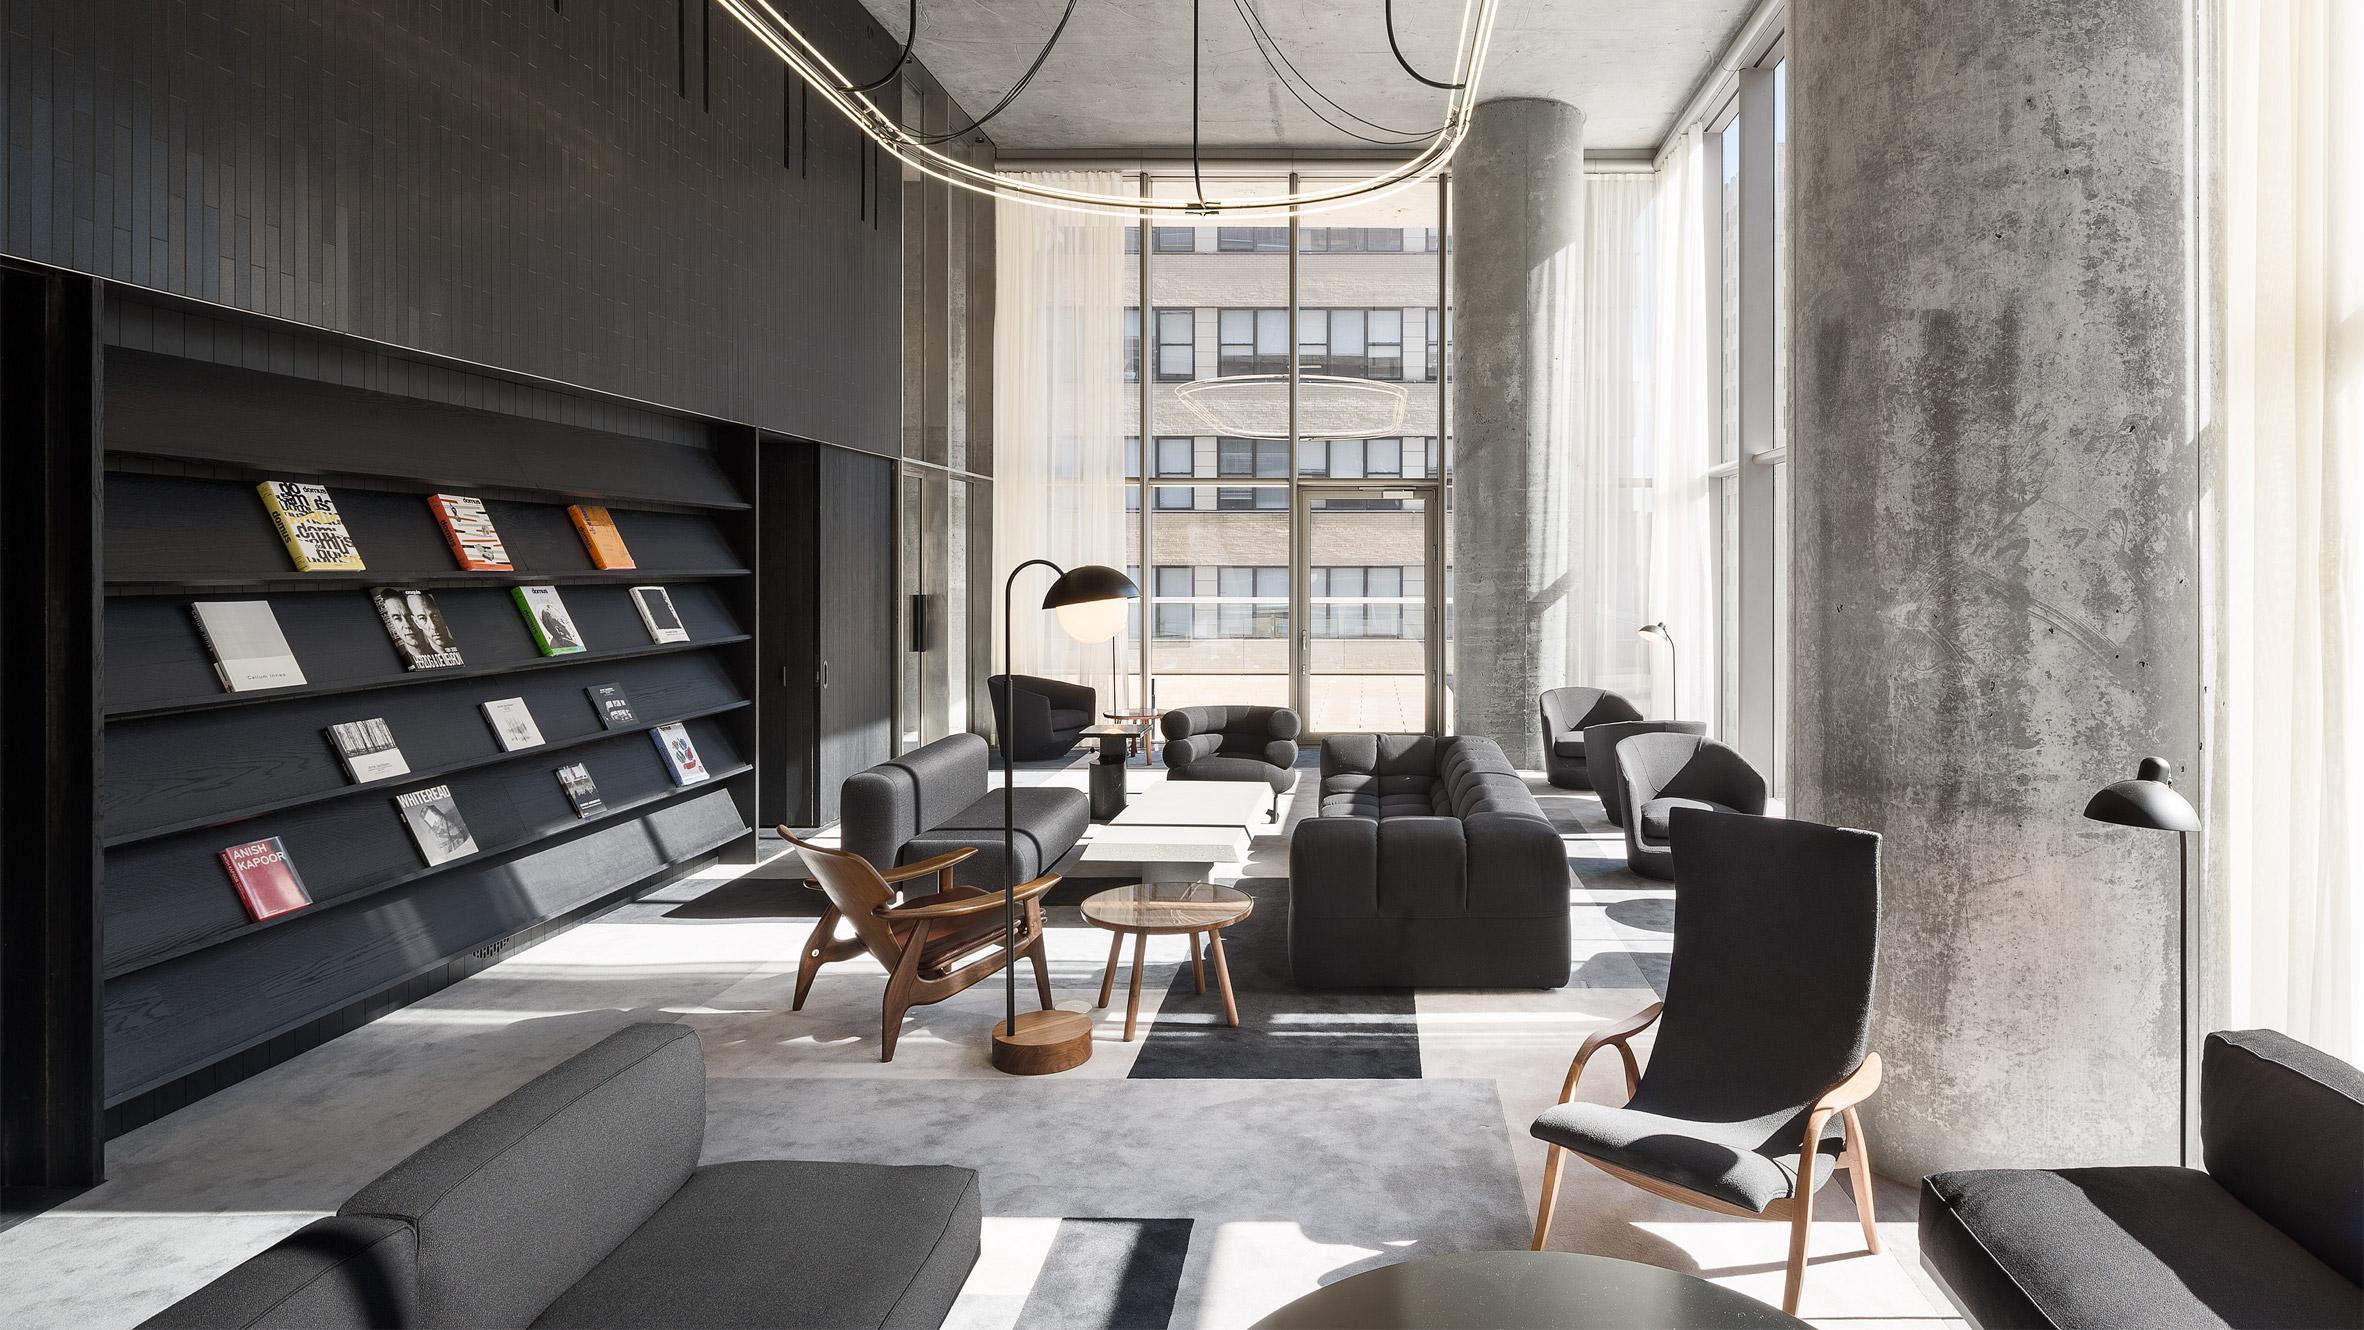 56-leonard-jenga-tower-herzog-and-de-meuron-amenities-interior-tribeca-skyscraper_dezeen-hero.jpg